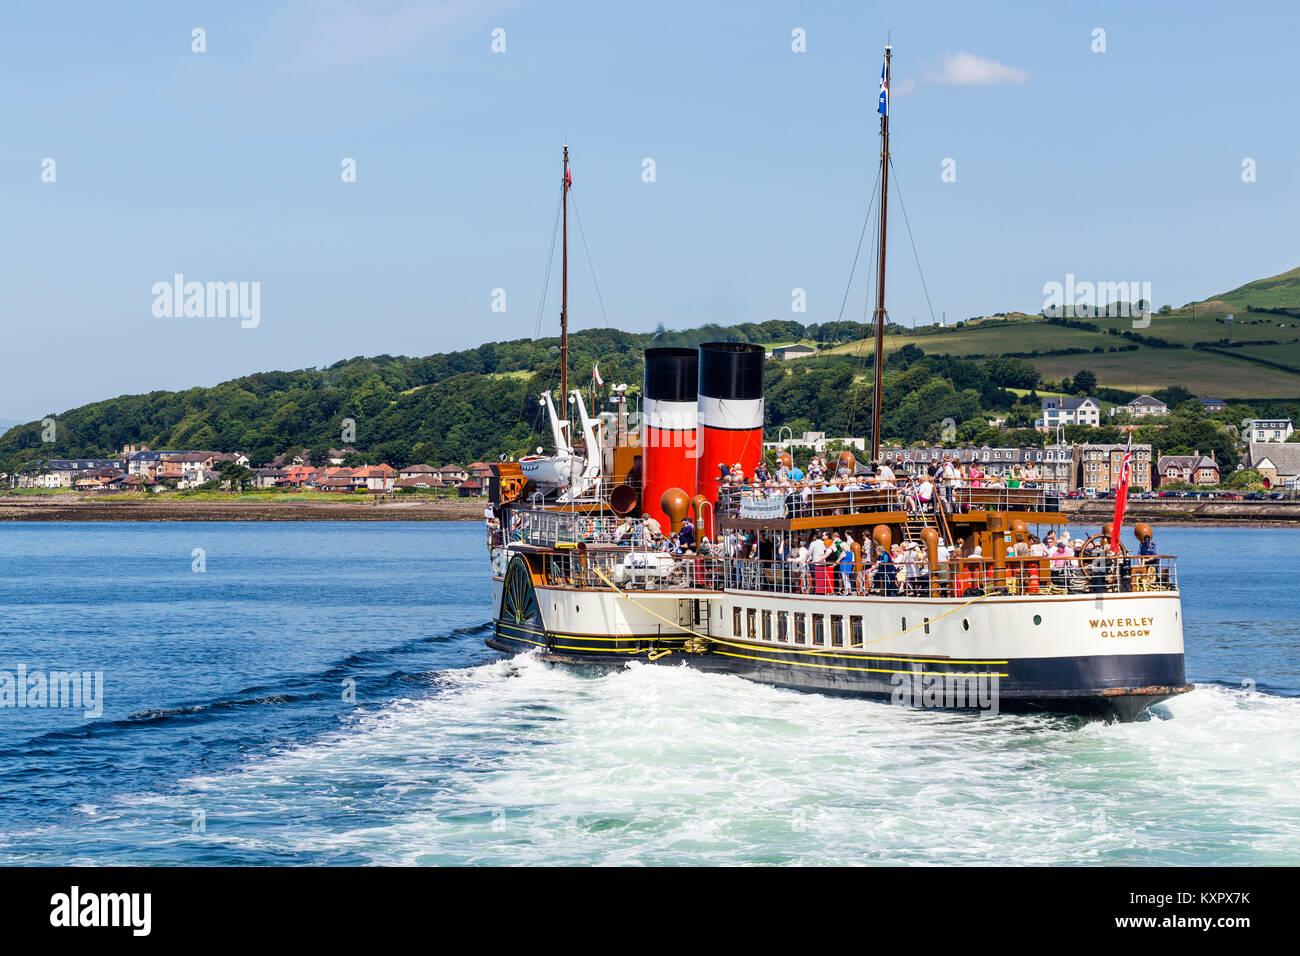 Le bateau à vapeur Waverley, au départ de la ville de Largs sur le Firth of Clyde, North Ayrshire, Scotland UK Banque D'Images